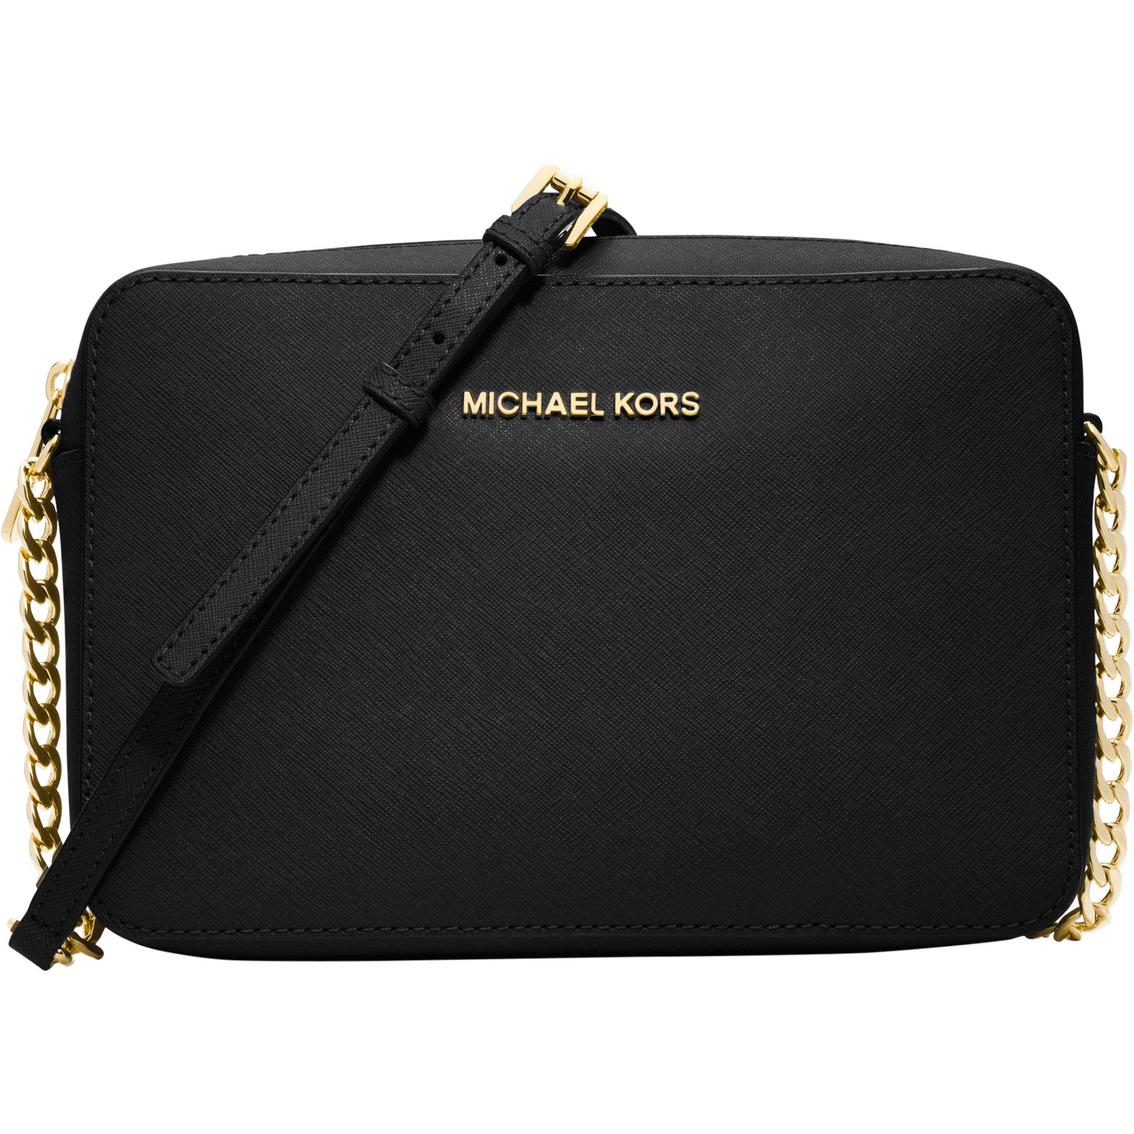 michael kors jet set travel large east west crossbody handbags apparel shop the exchange. Black Bedroom Furniture Sets. Home Design Ideas